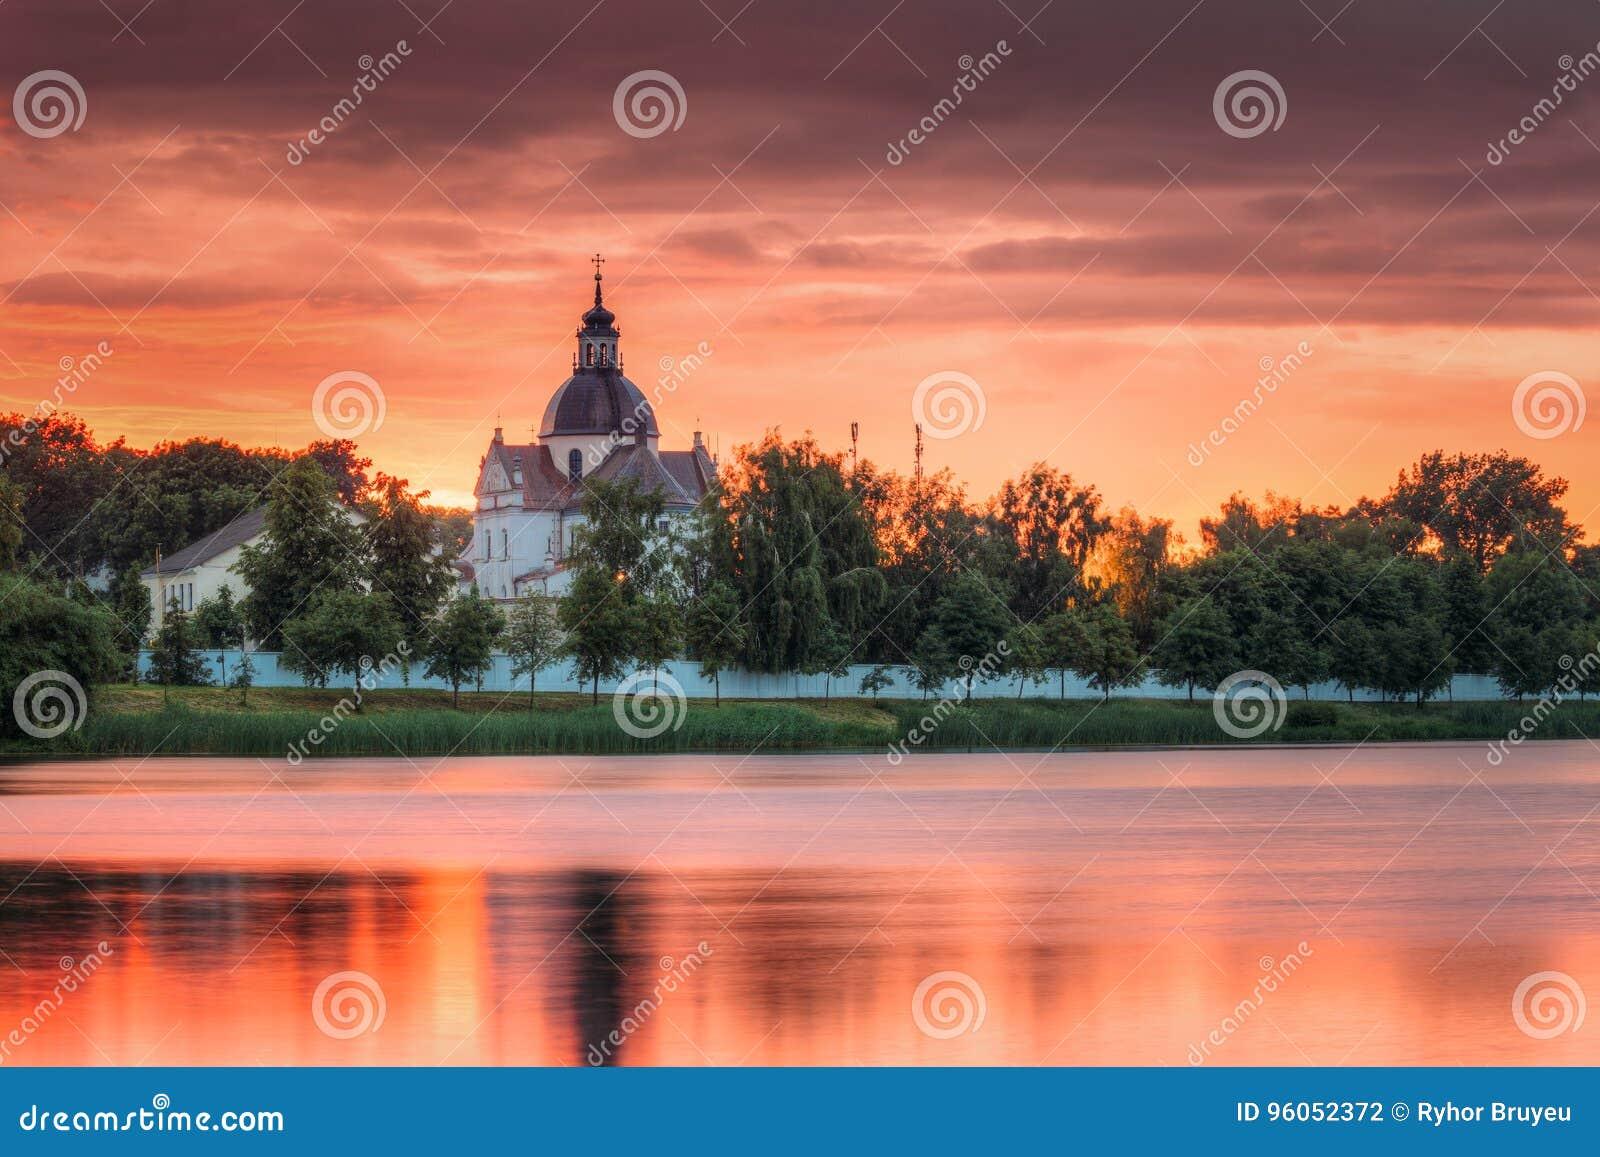 Nesvizh, région de Minsk, Belarus Corpus Christi Church And Castle